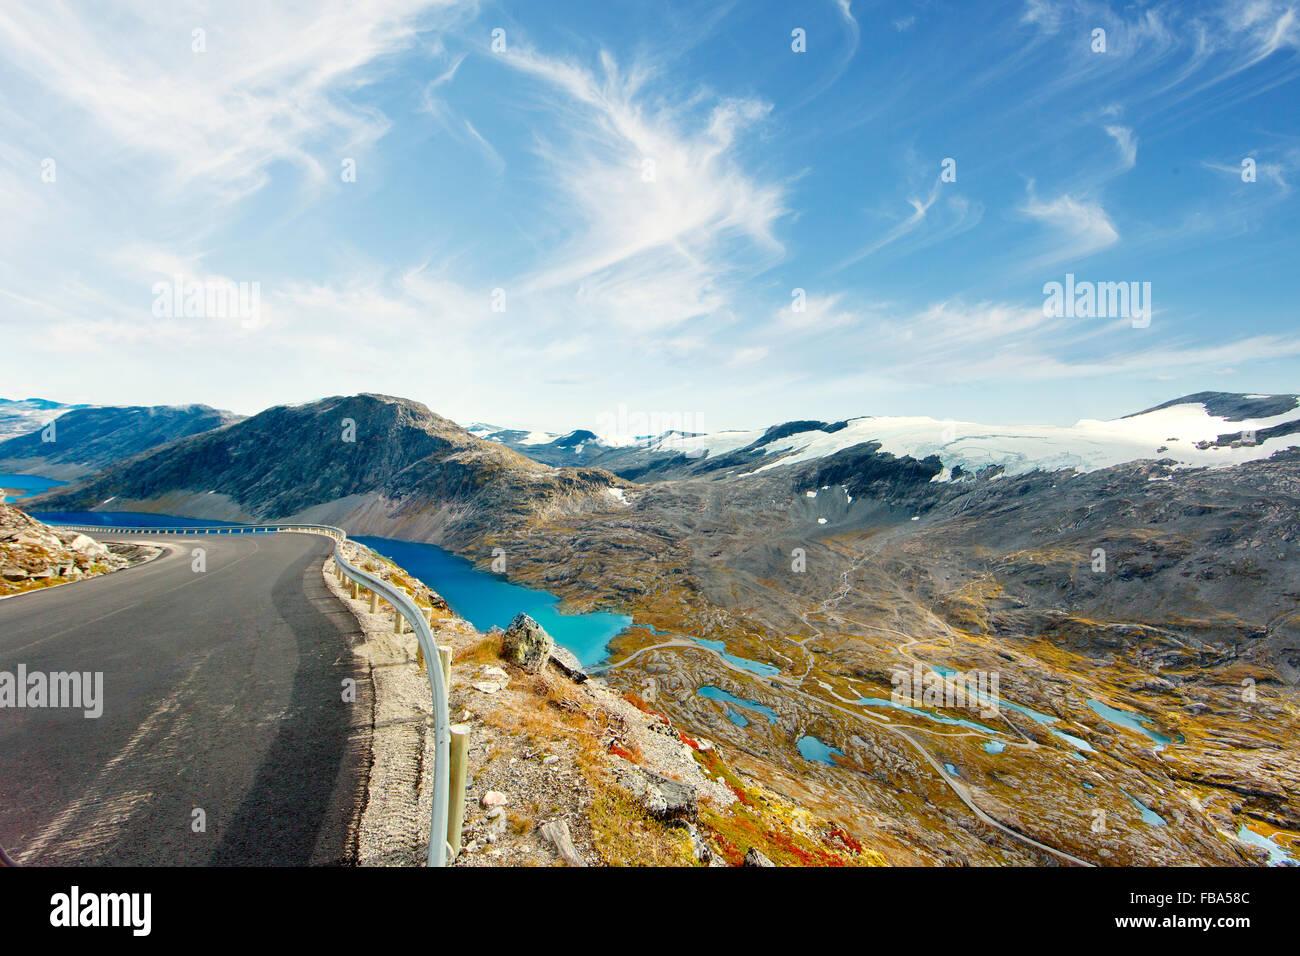 Norway, More og Romsdal, Sunnmore, View of Geirangerfjord from Trollstigen Road - Stock Image